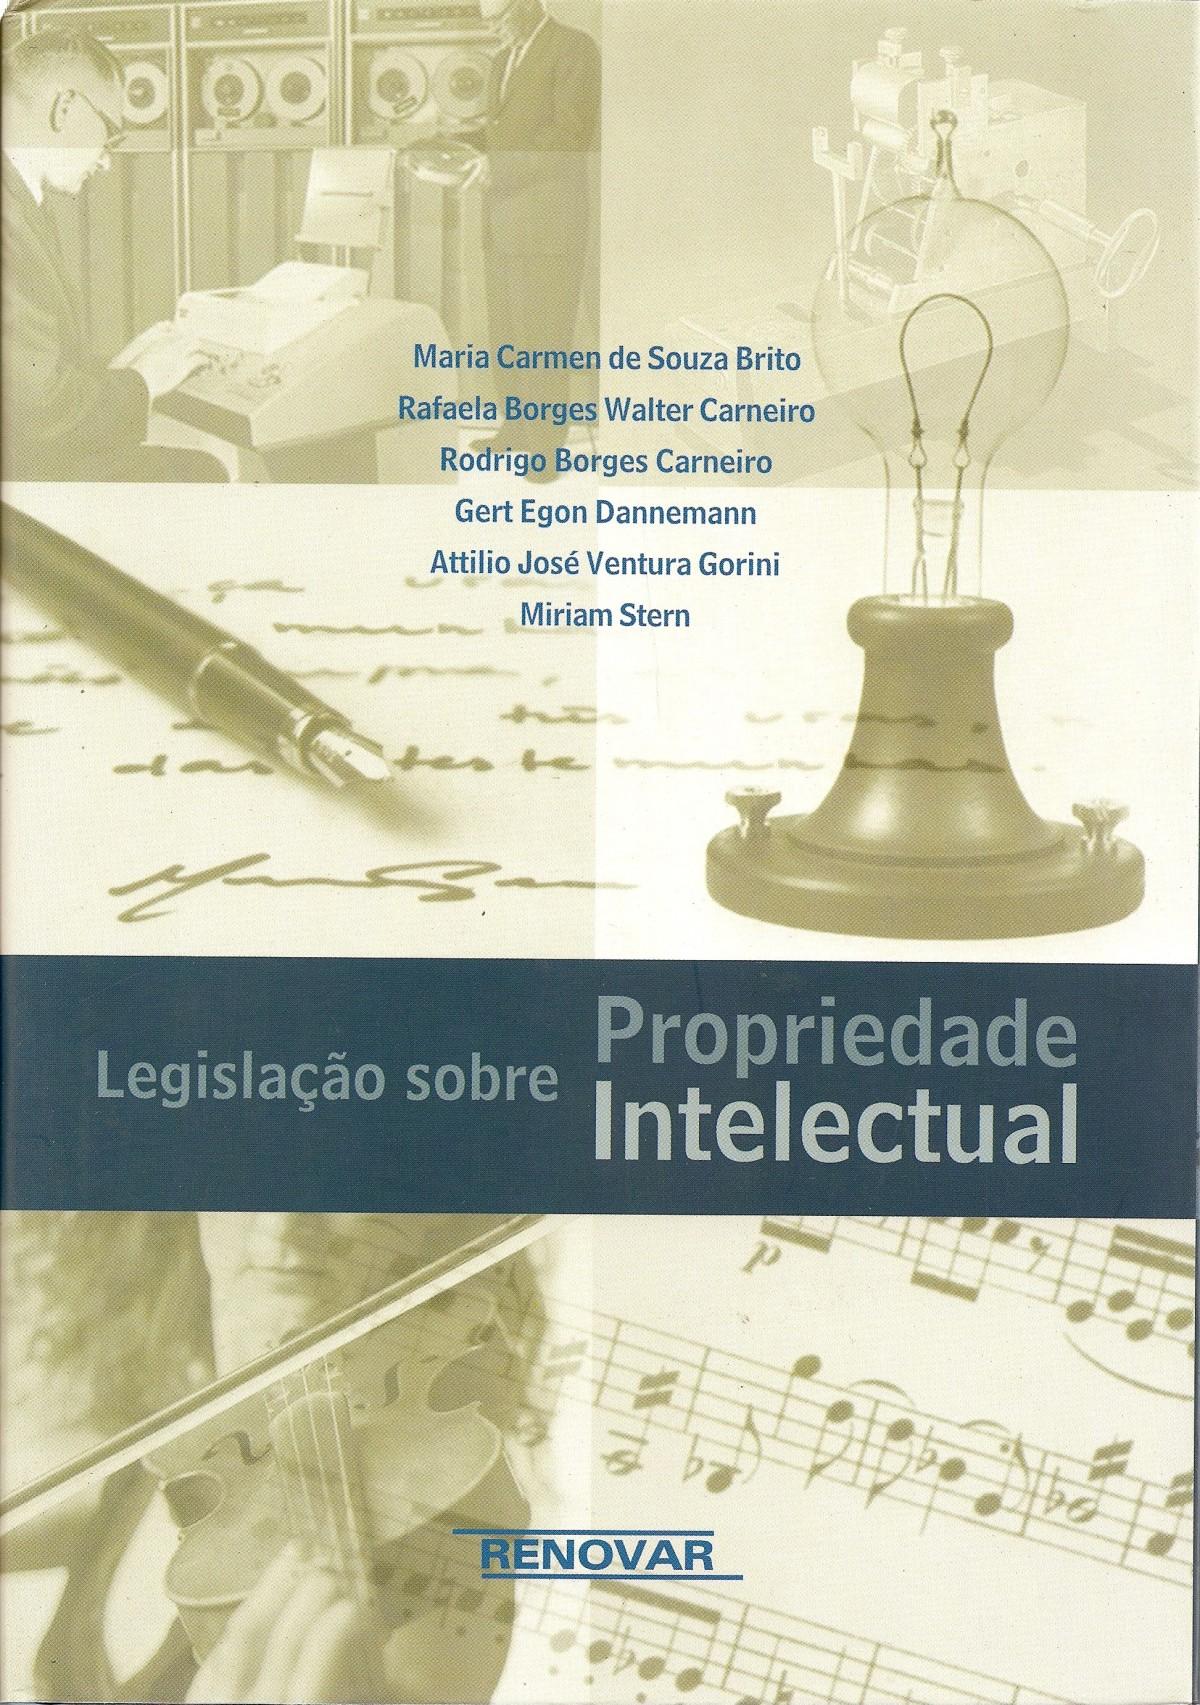 Foto 1 - Legislação Sobre Propriedade Intelectual